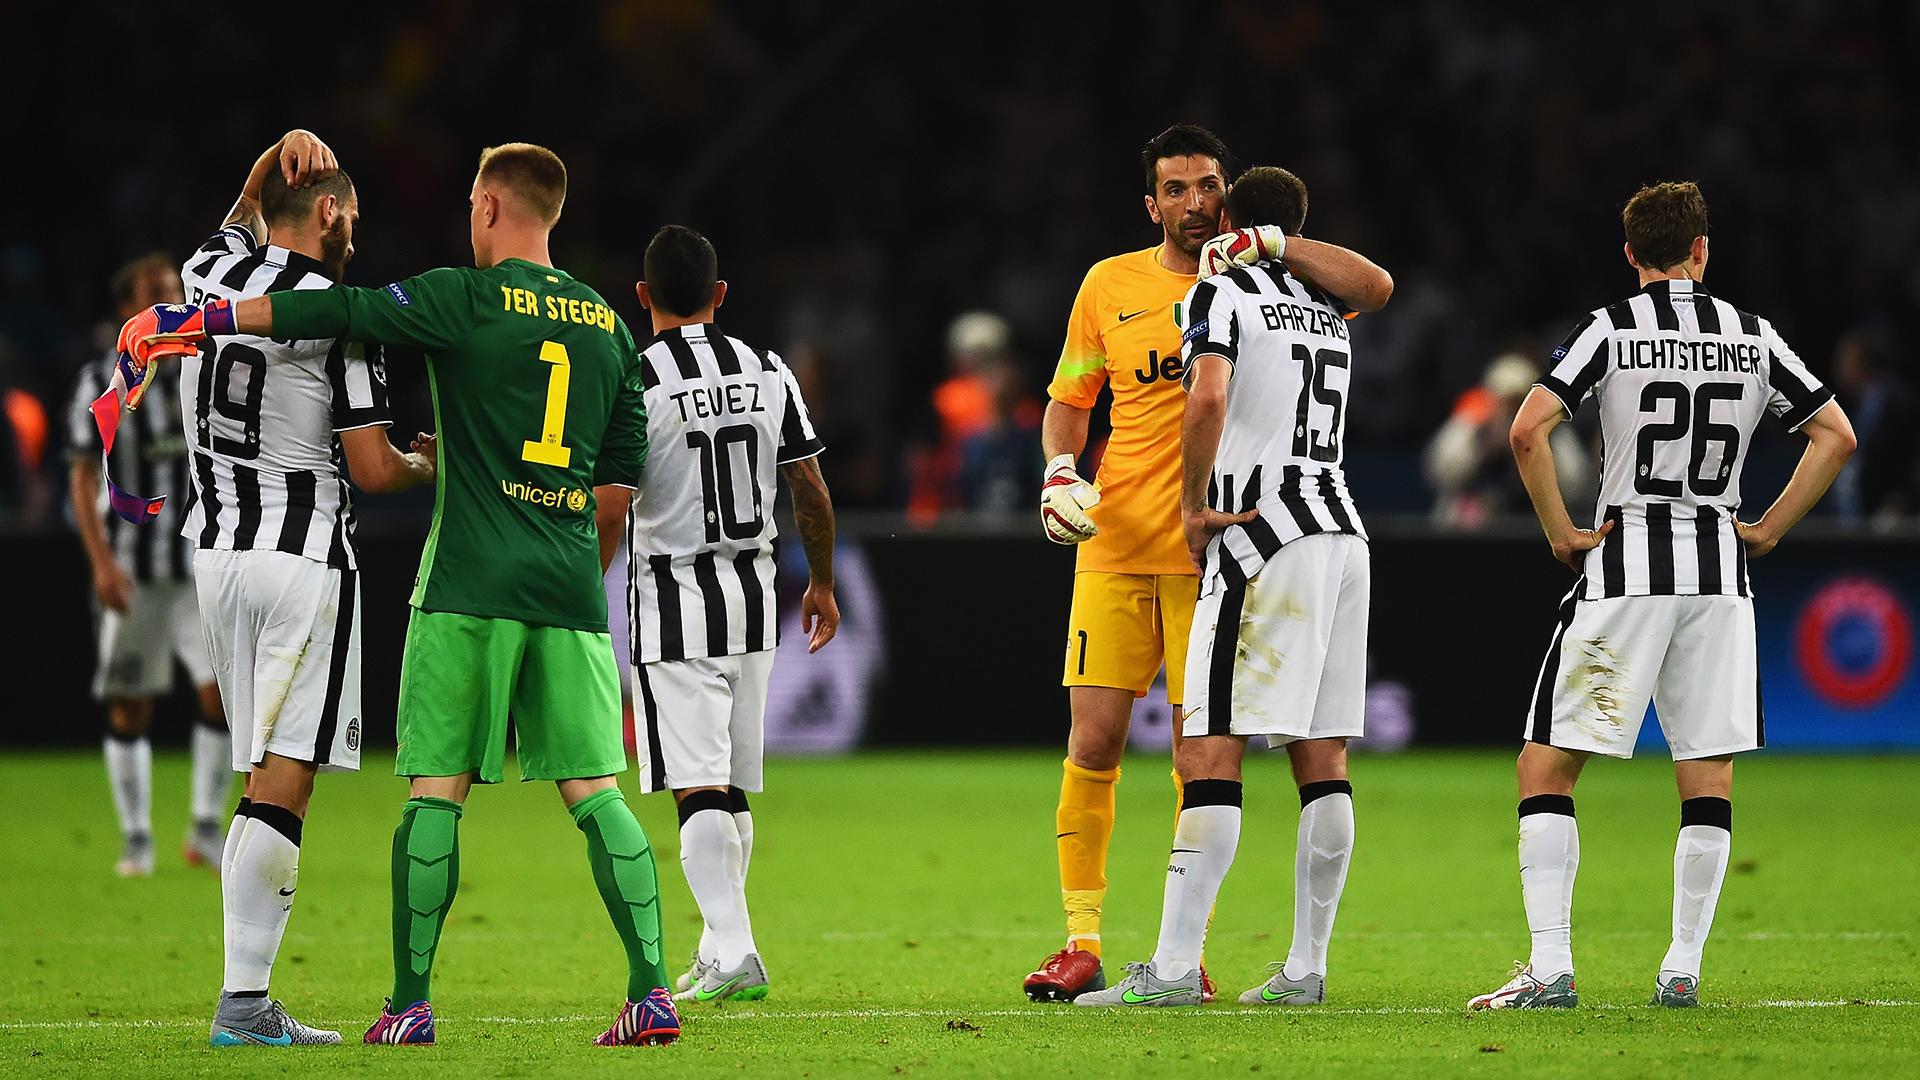 Gianluigi Buffon Juventus Barcelona 2015 Champions League final